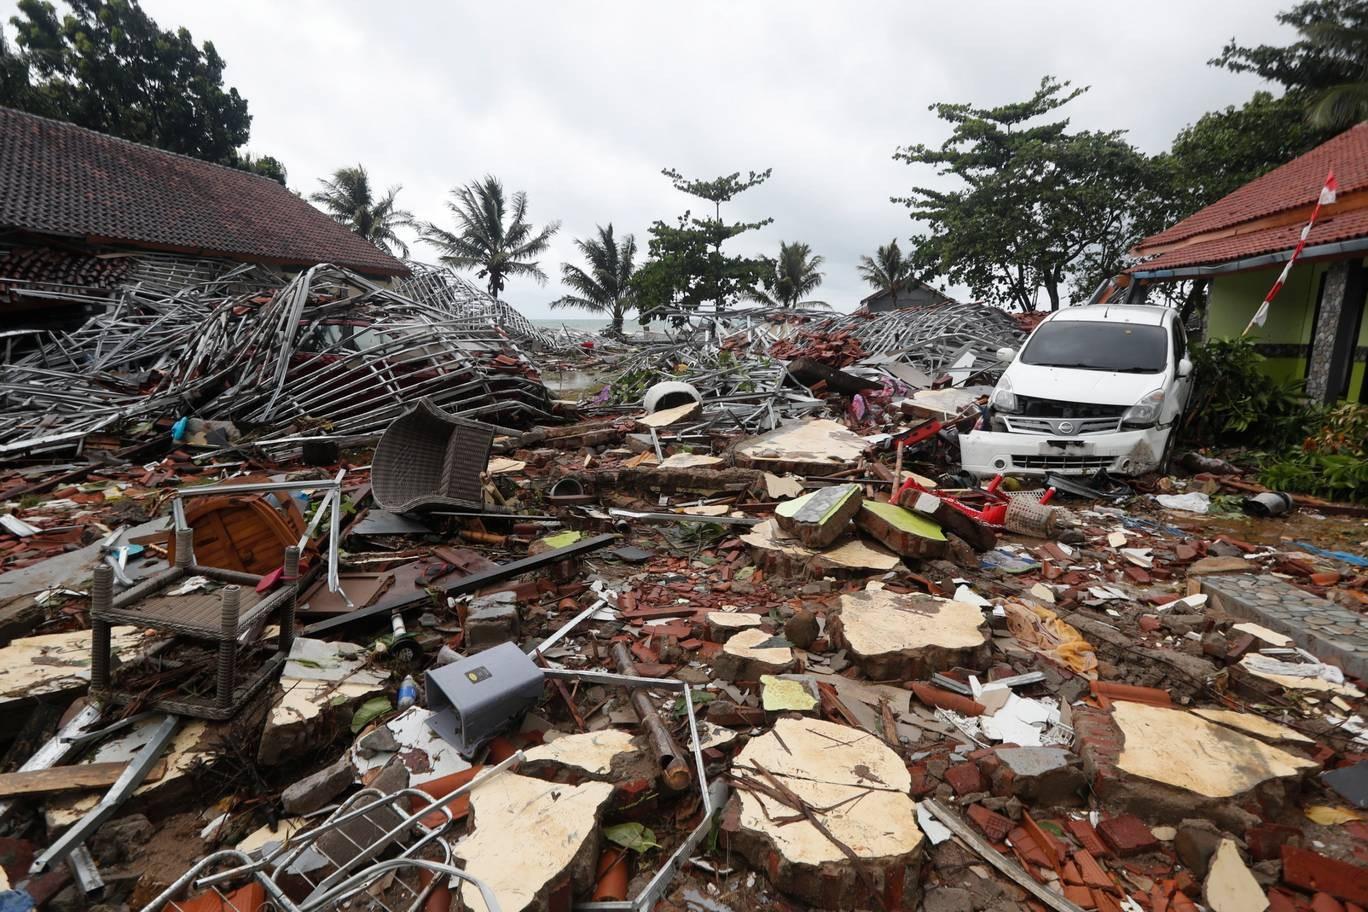 Nhân chứng kể khoảnh khắc kinh hoàng khi sóng thần ập tới tại Indonesia - Ảnh 4.